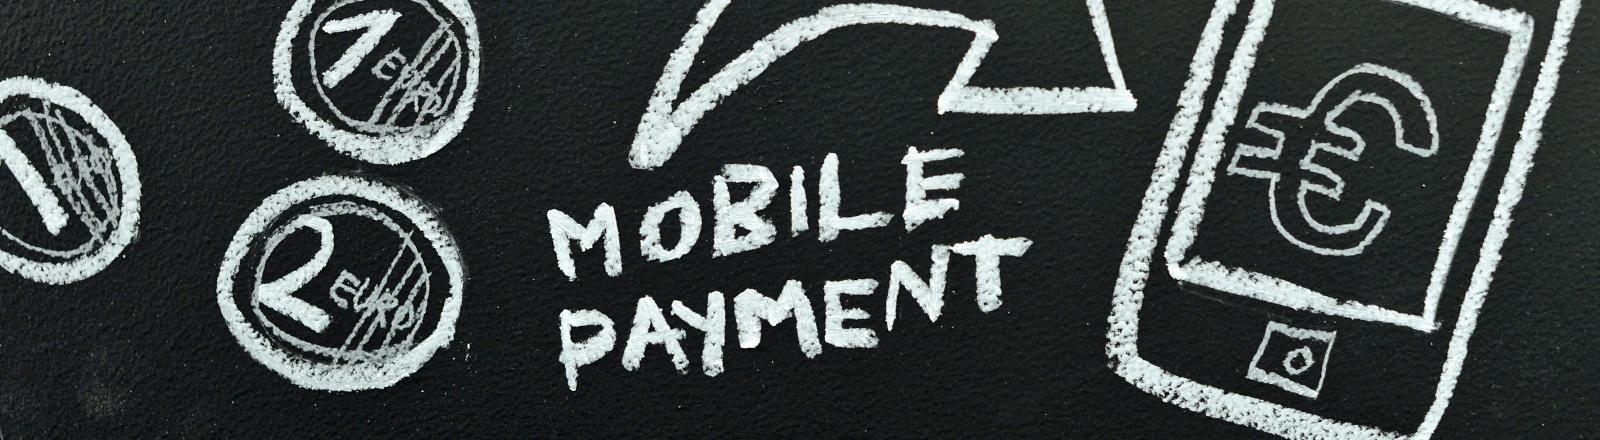 """Euro-Münzen, ein Smartphone und der Schriftzug """"Mobile Payment"""" für Zahlungen, die mobil getätigt werden können."""